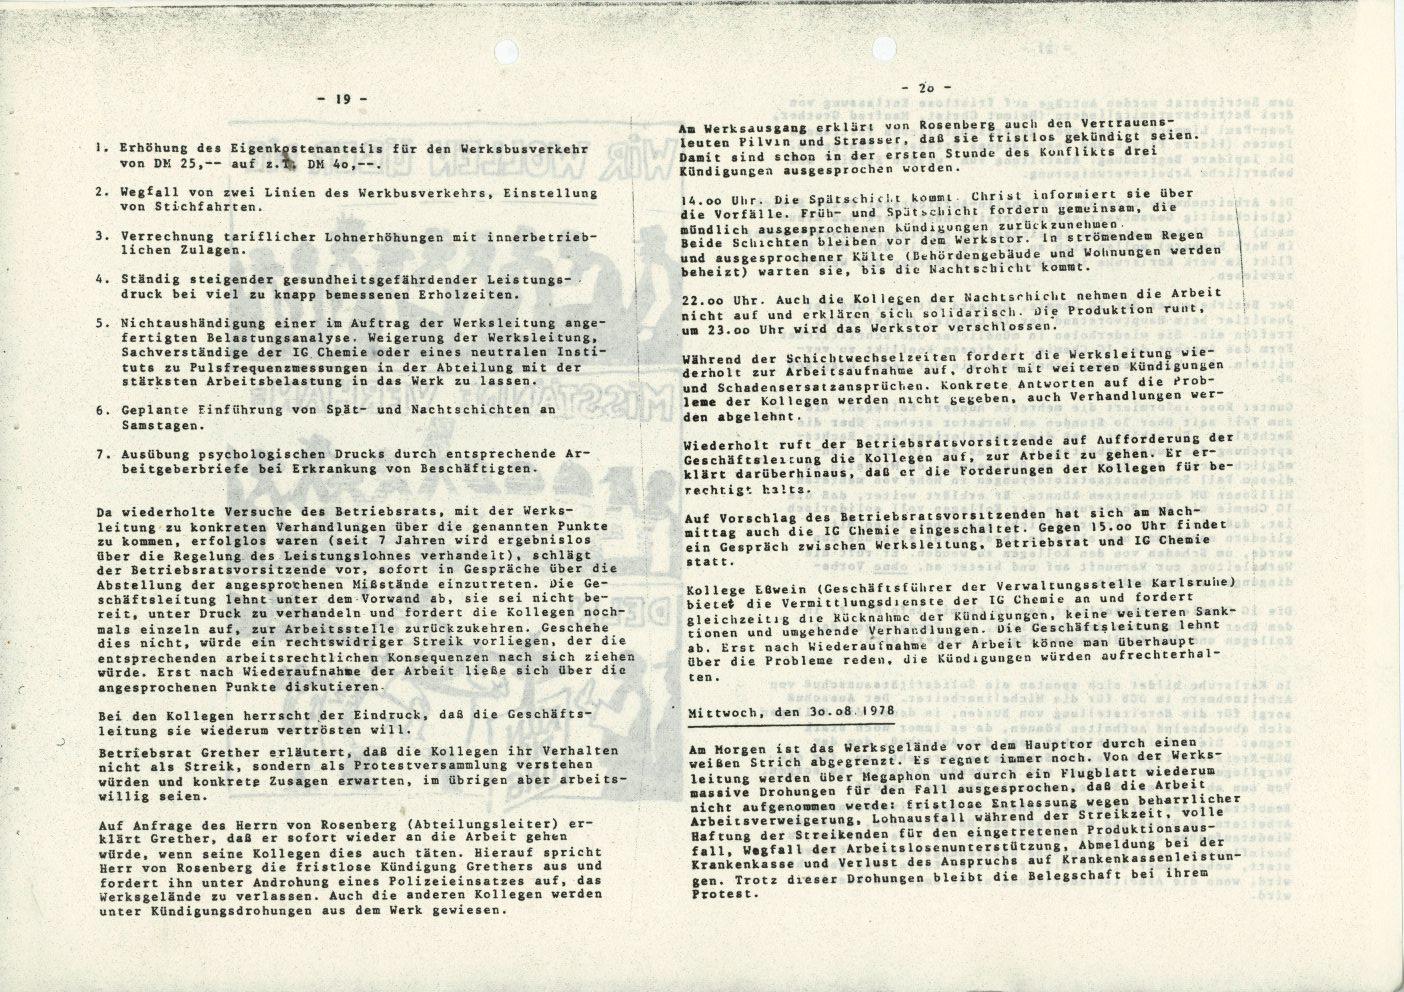 Karlsruhe_Michelin_IGCPK_Doku_zum_Arbeitskonflikt_1978_10